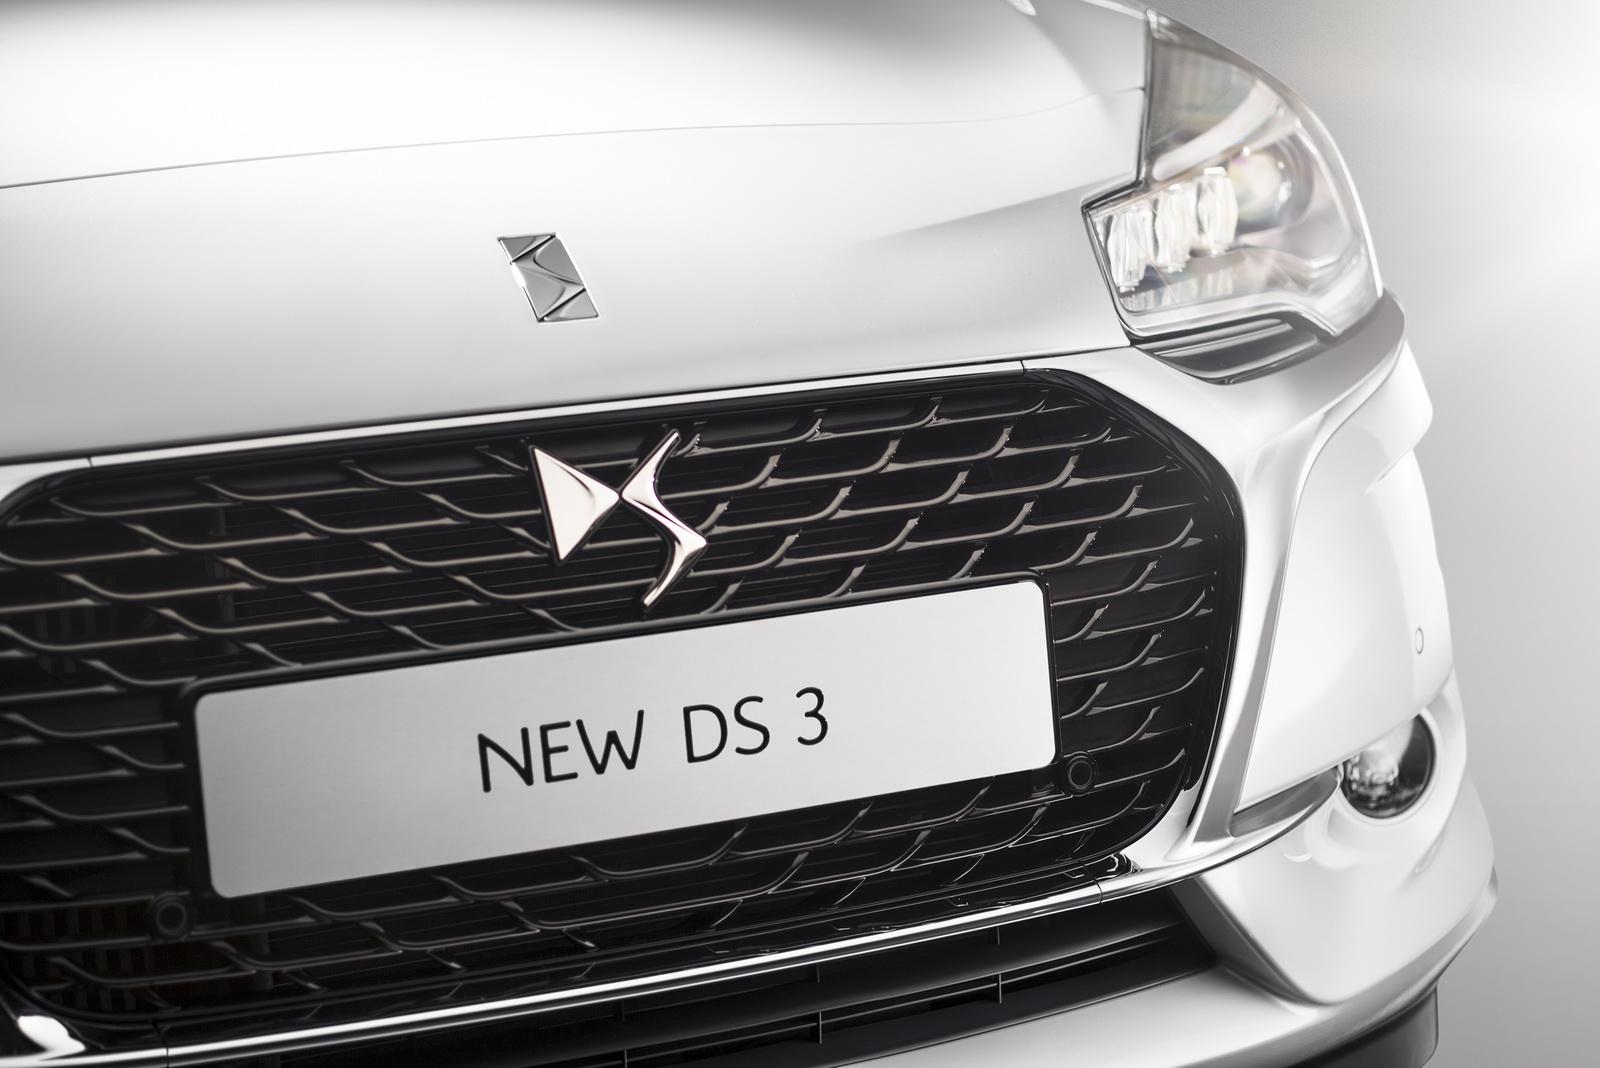 DS Automobiles - 2016 - Nouvelle DS 3 Cabrio - avant / front - zoom